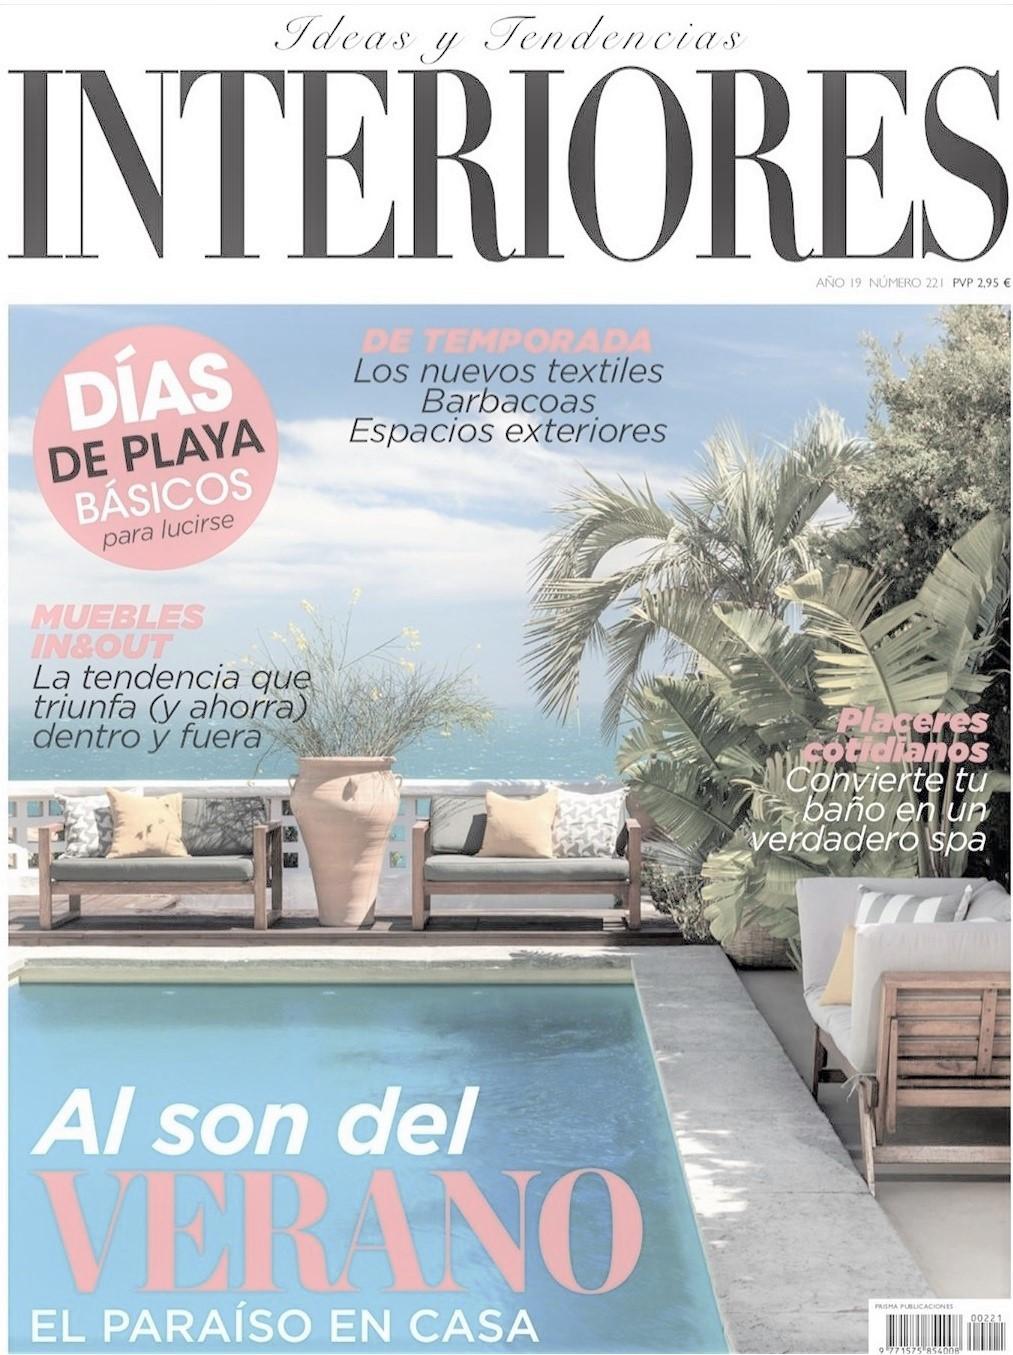 Interiores El bello verano – 1 ENG